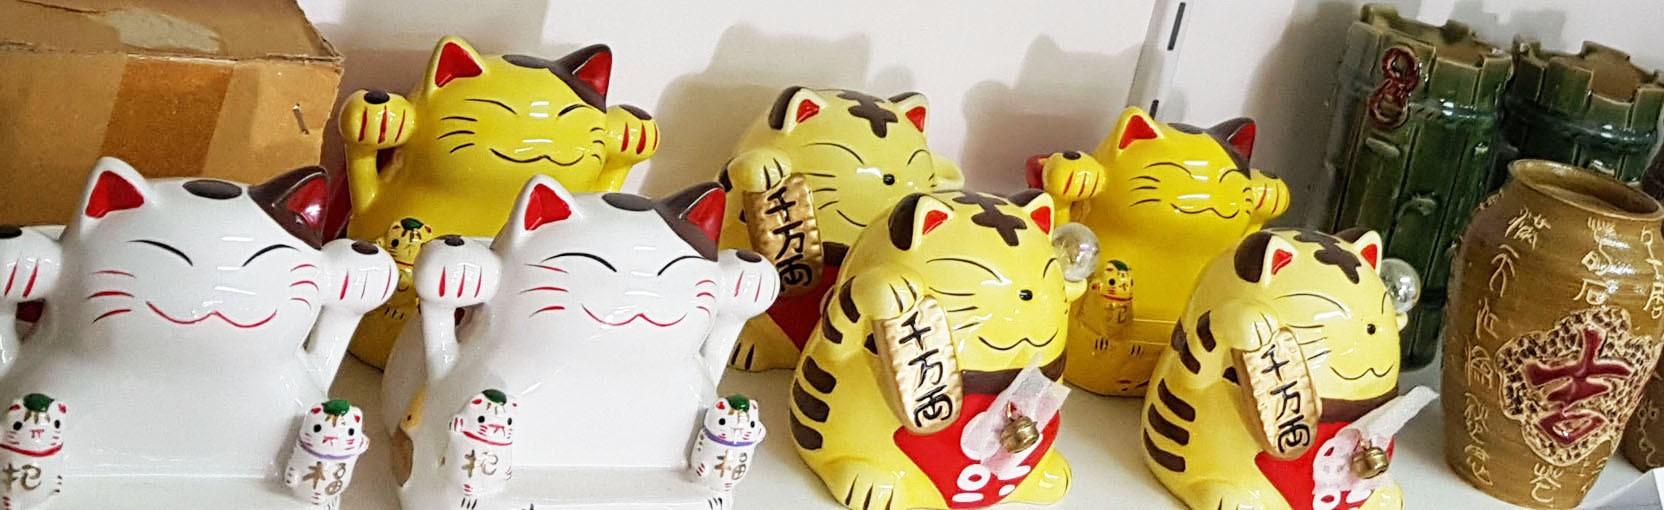 Articles en porcelaine, céramique et terre cuite! Oriental-Import.com